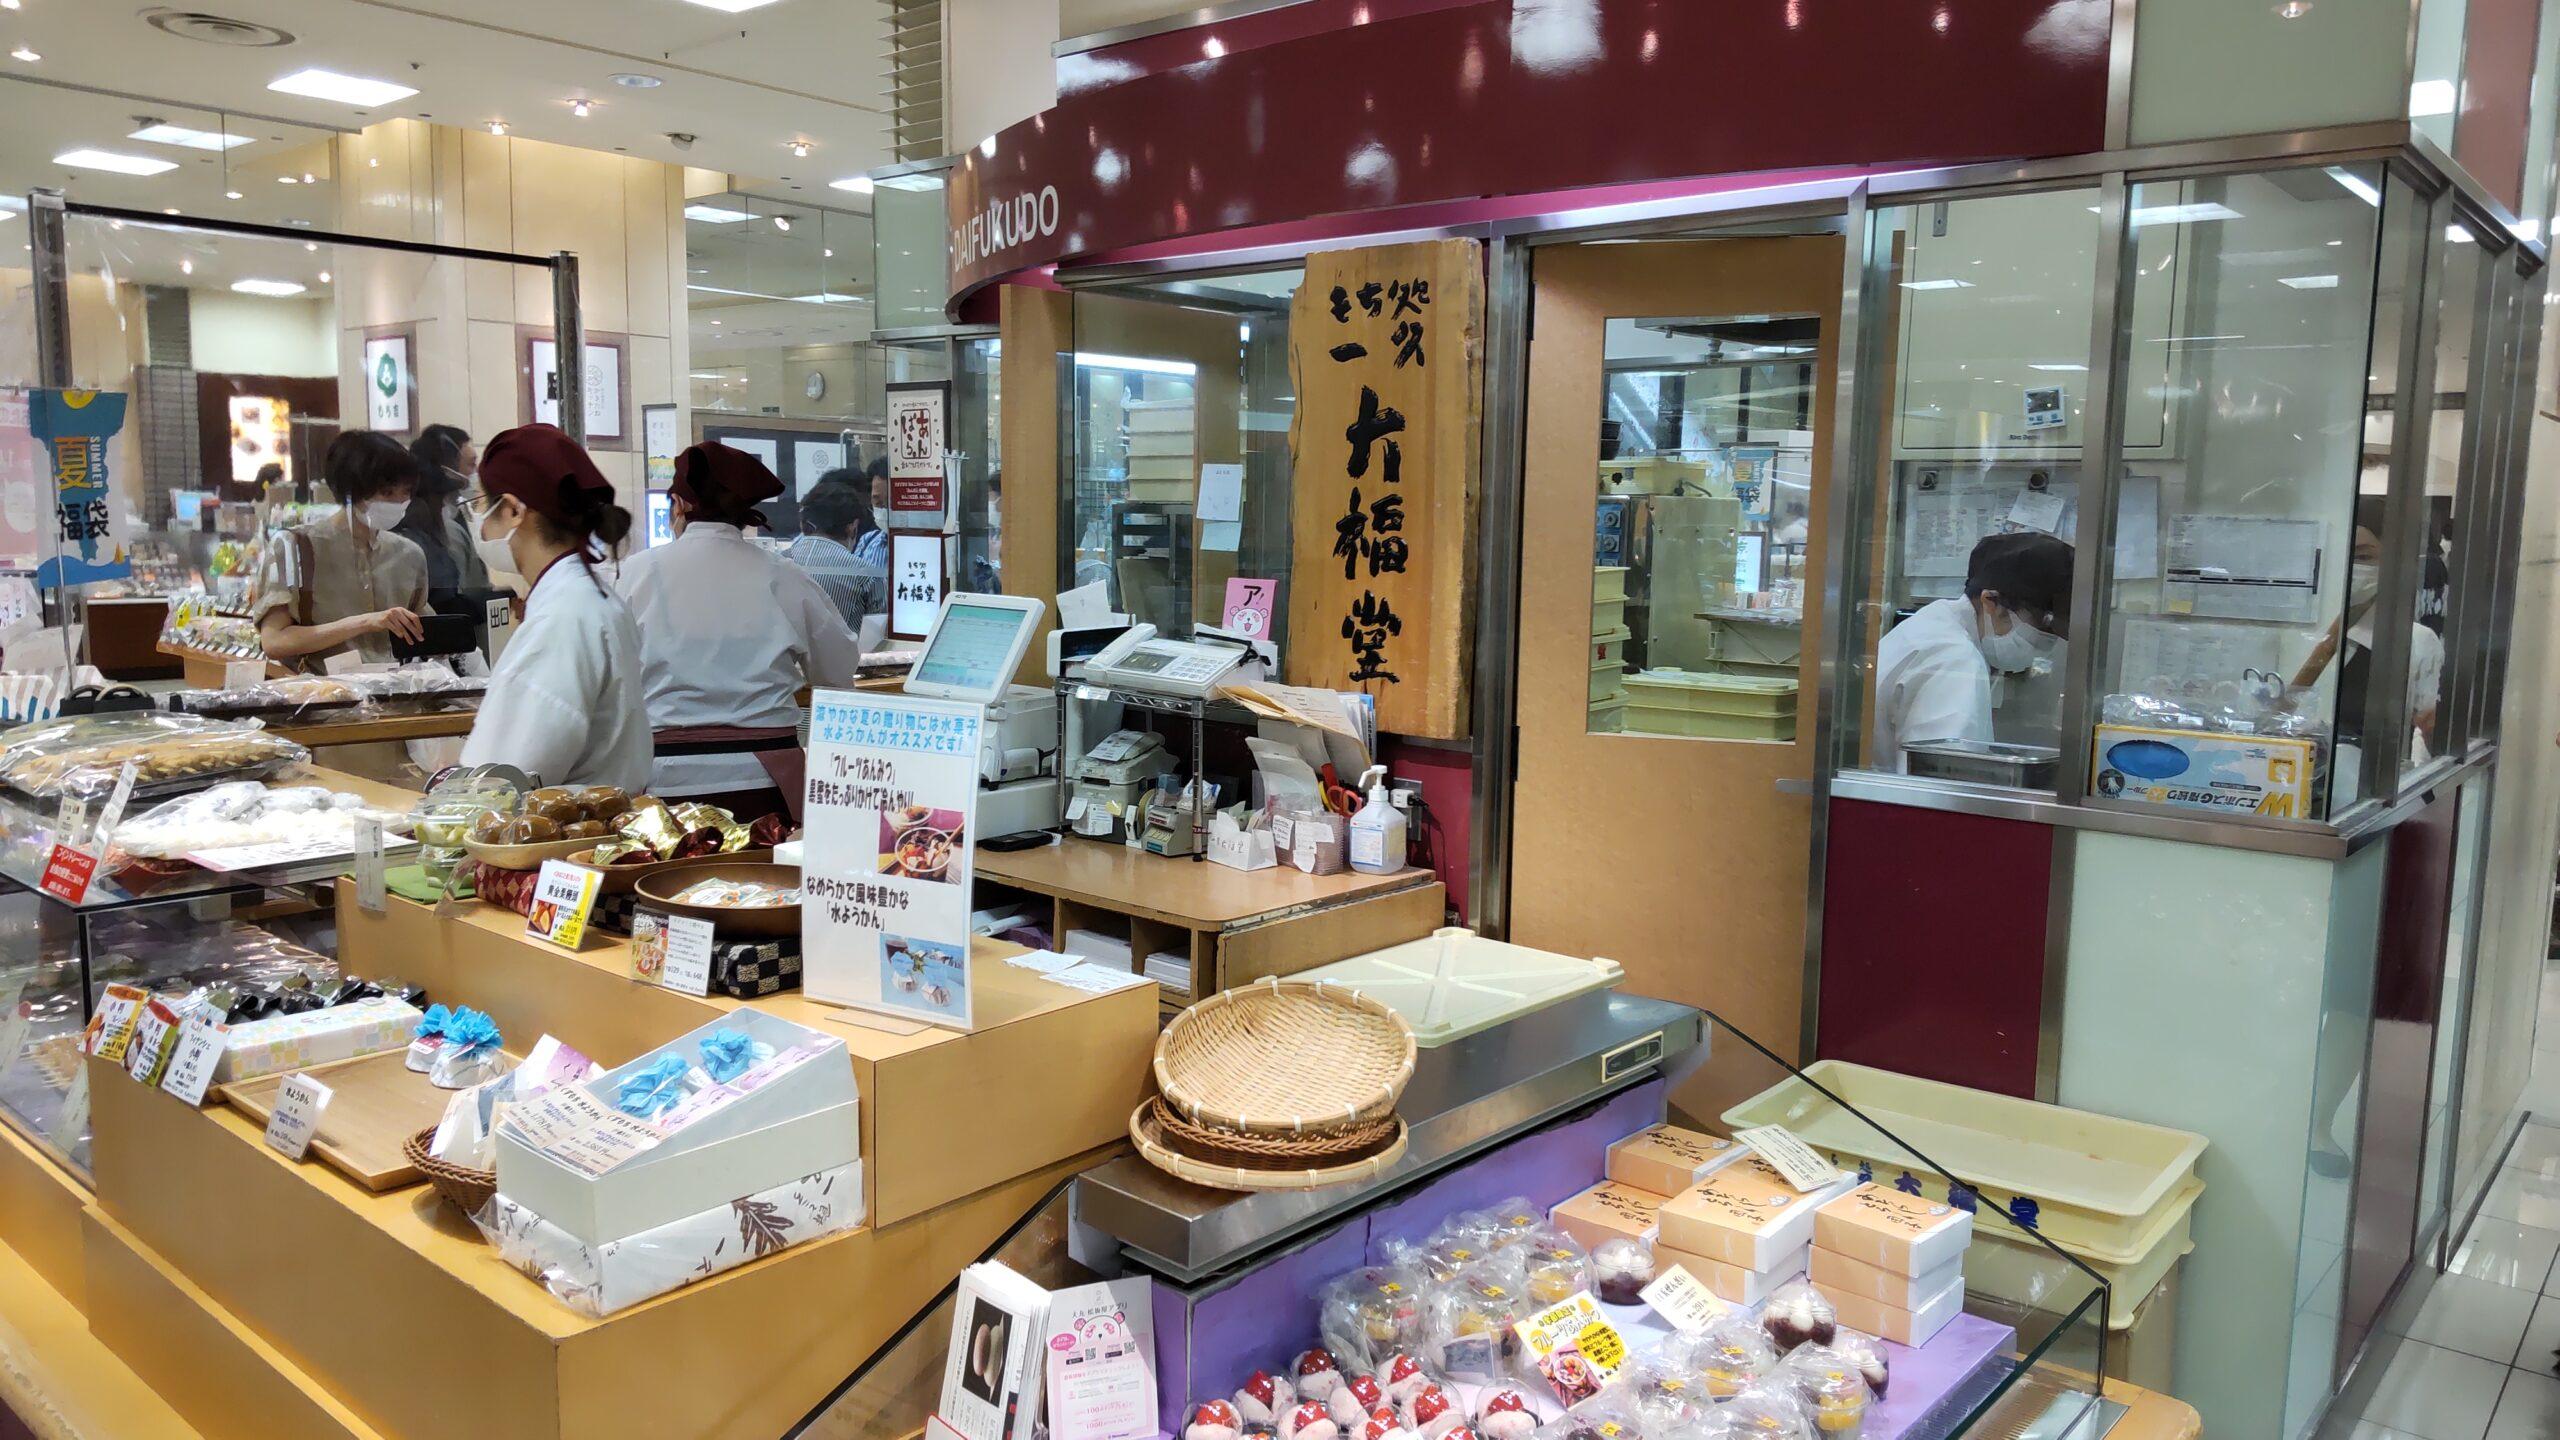 一久 大福堂 大丸札幌店